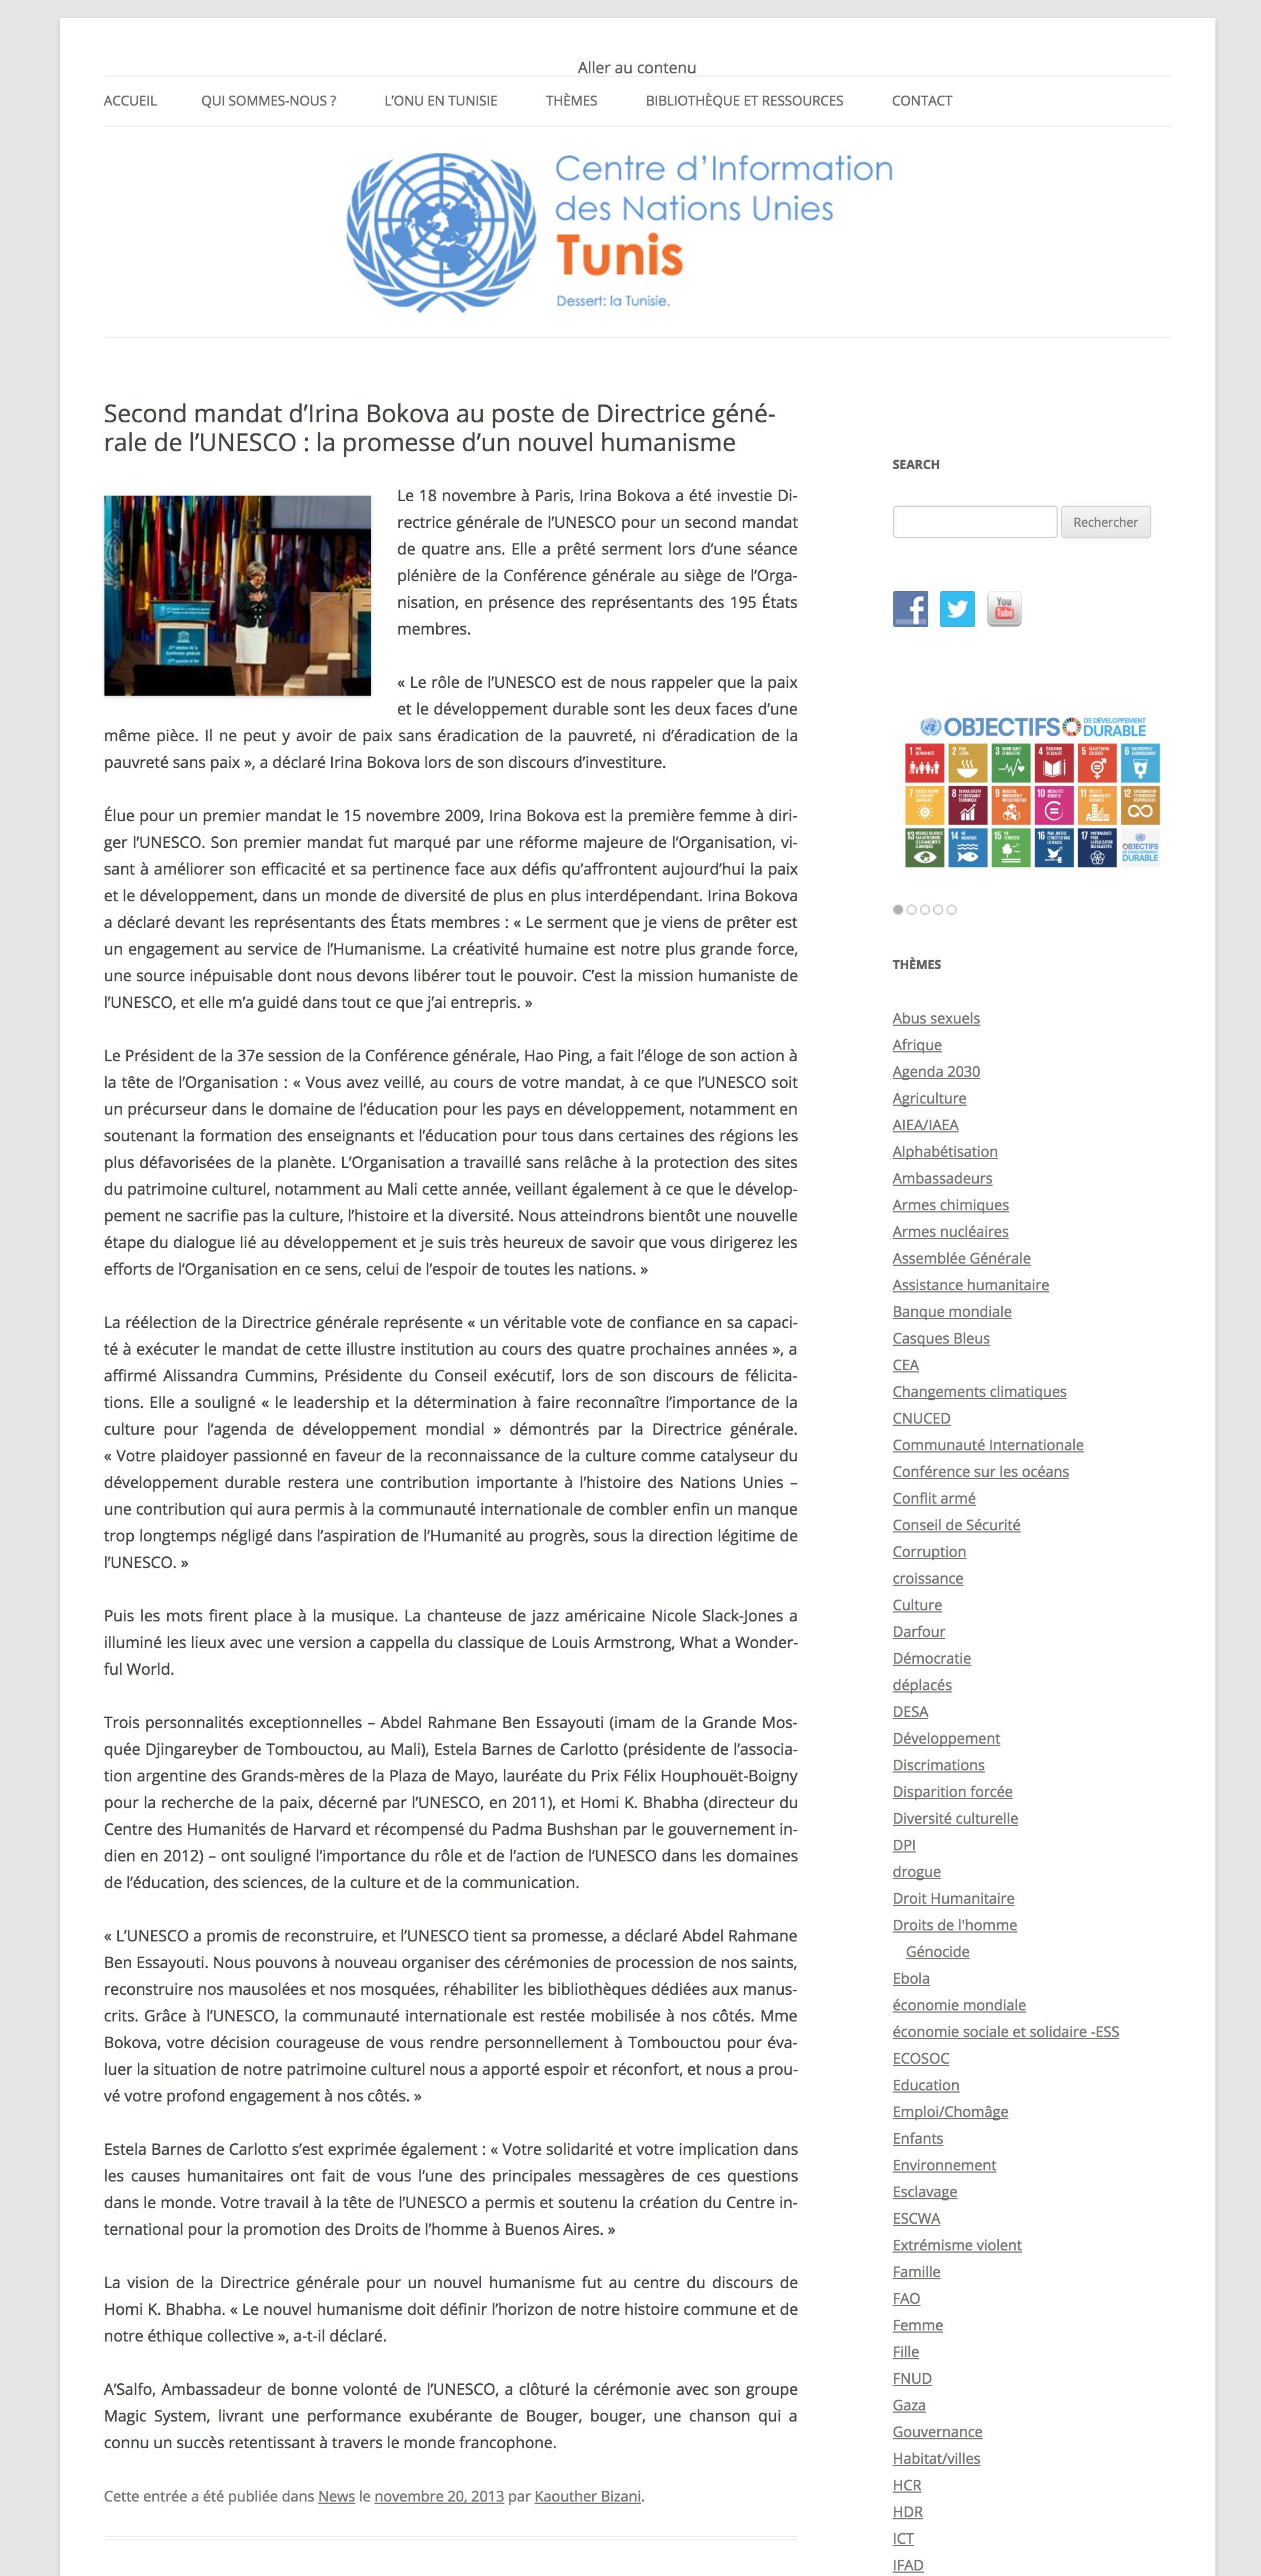 CENTRE D'INFO DES NATIONS UNIS